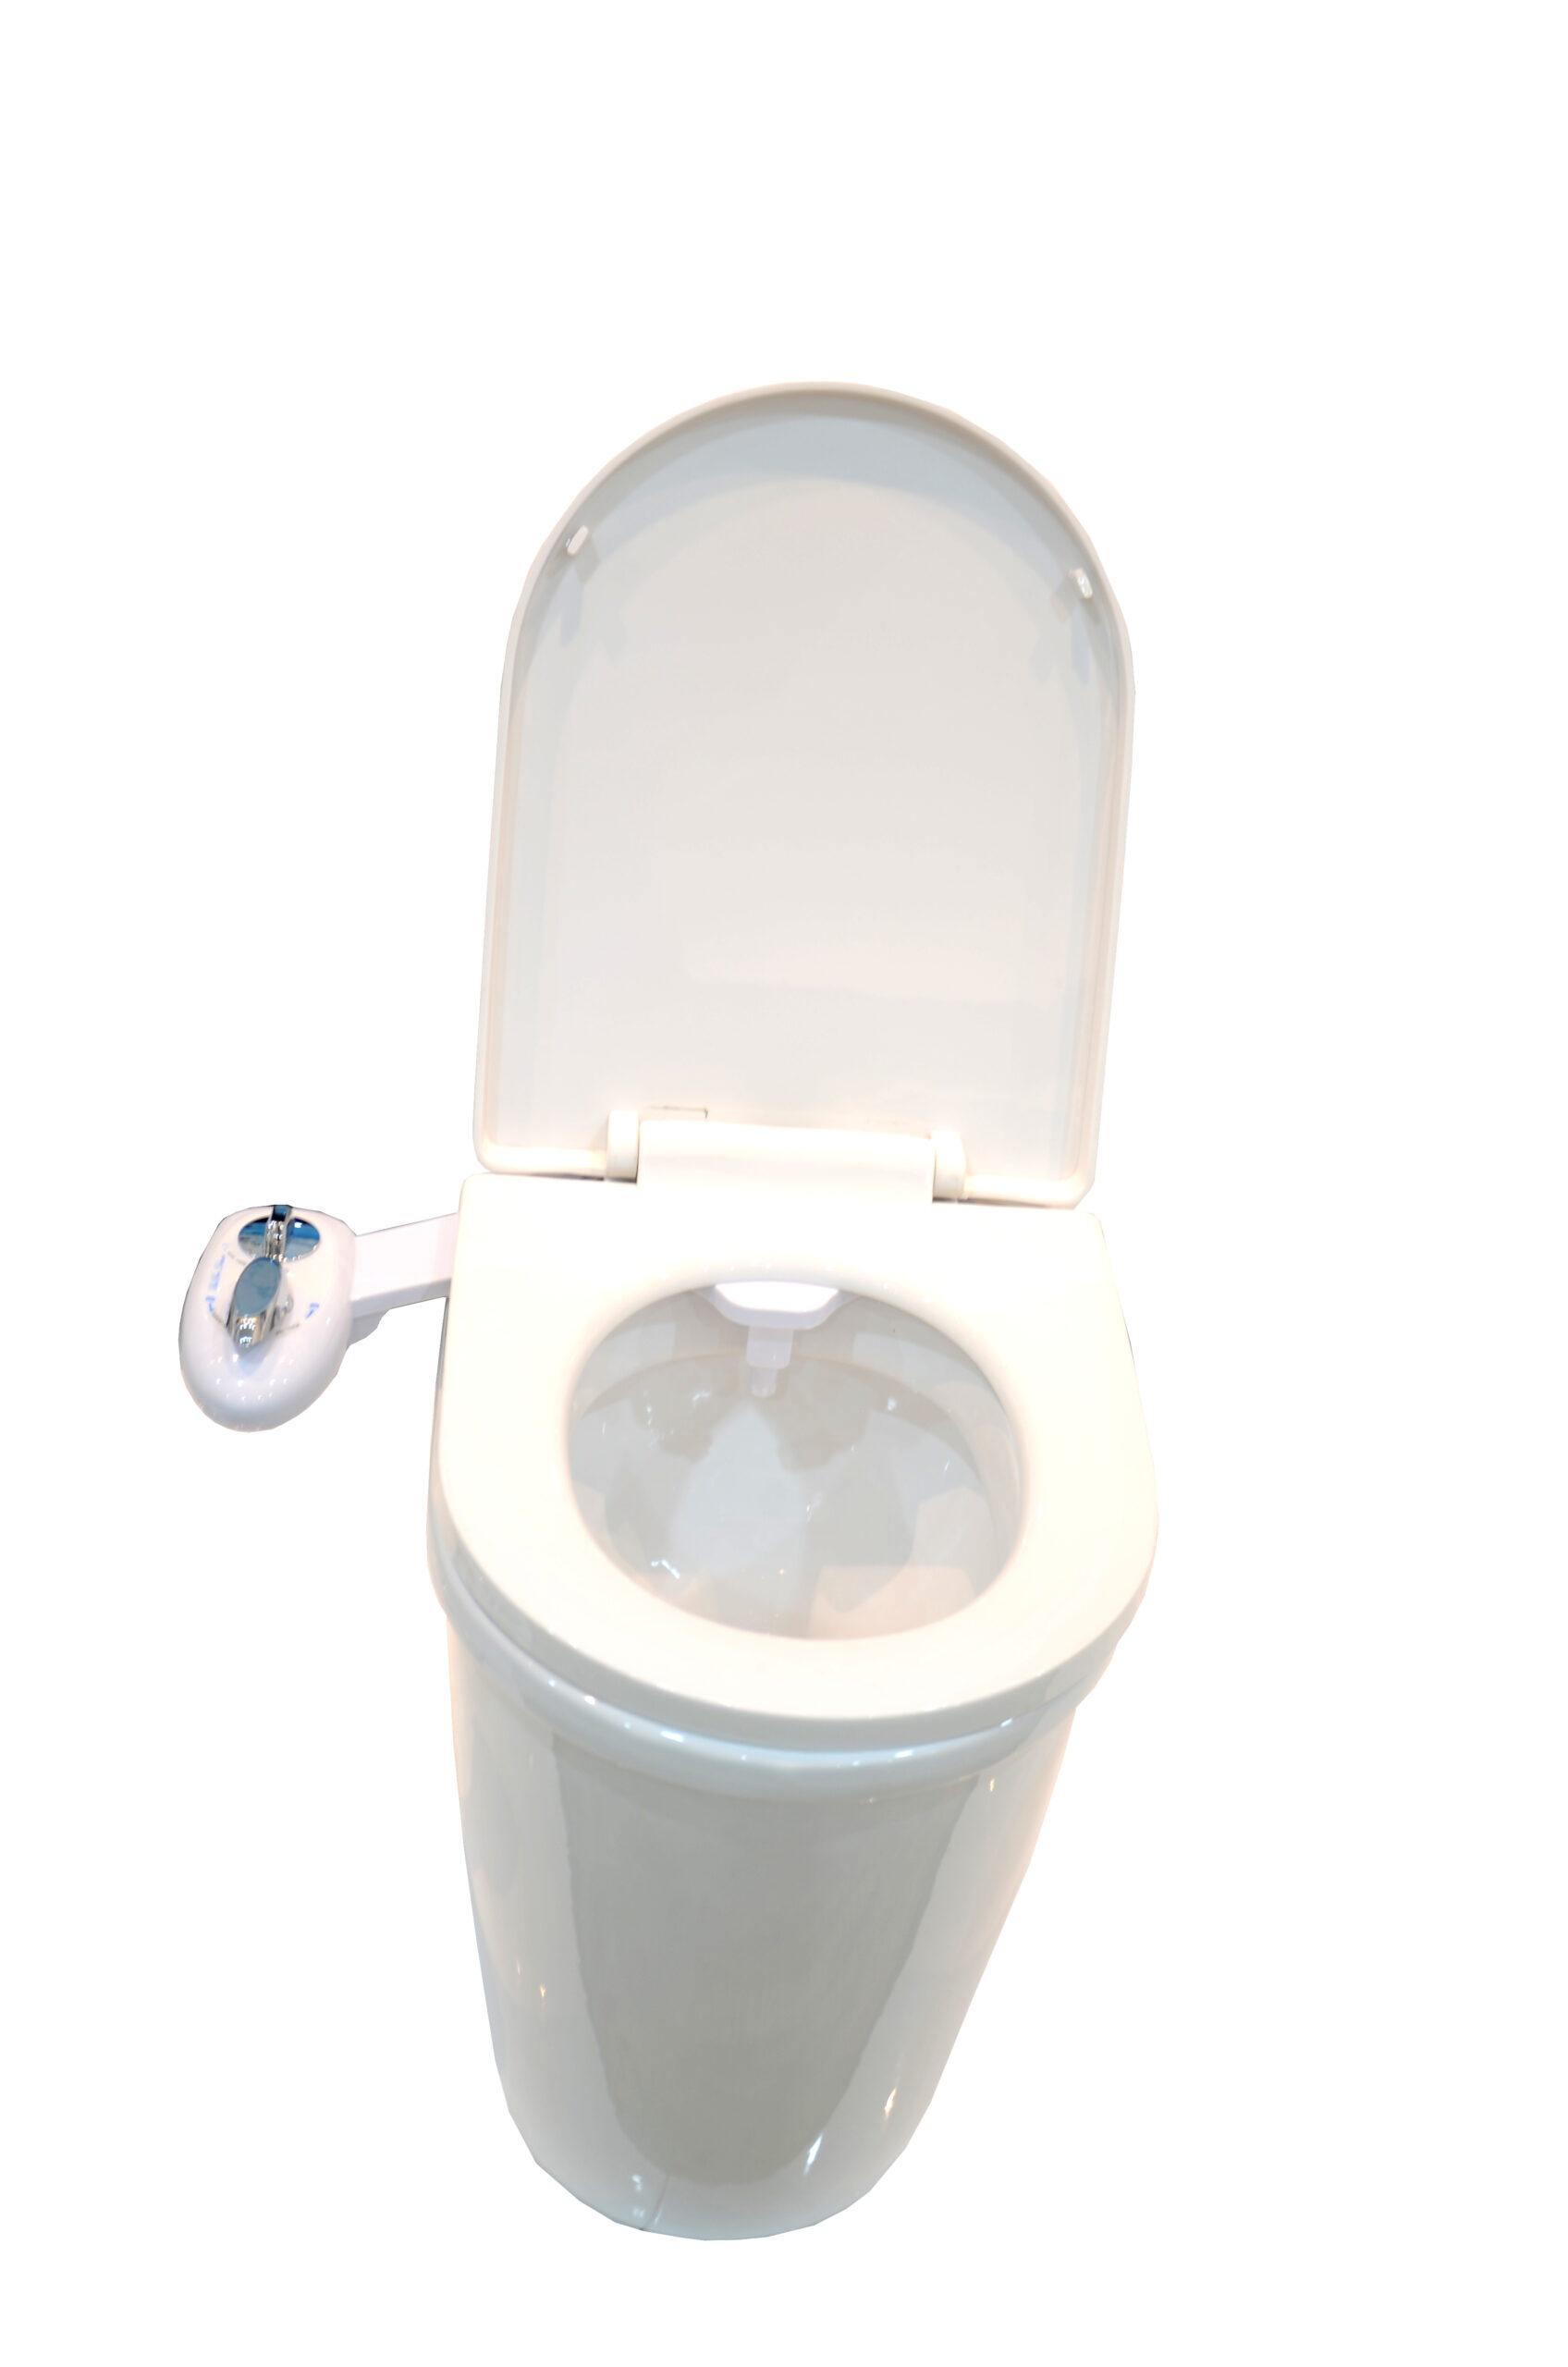 Full Size of Dusch Wc Kaufen Taharet Bisbro Deluxe Bidet Modell 2075 Dusche 80x80 Bodengleiche Einbauen Grohe Thermostat Ebenerdig Moderne Duschen Badewanne Mit Tür Und Dusche Dusch Wc Aufsatz